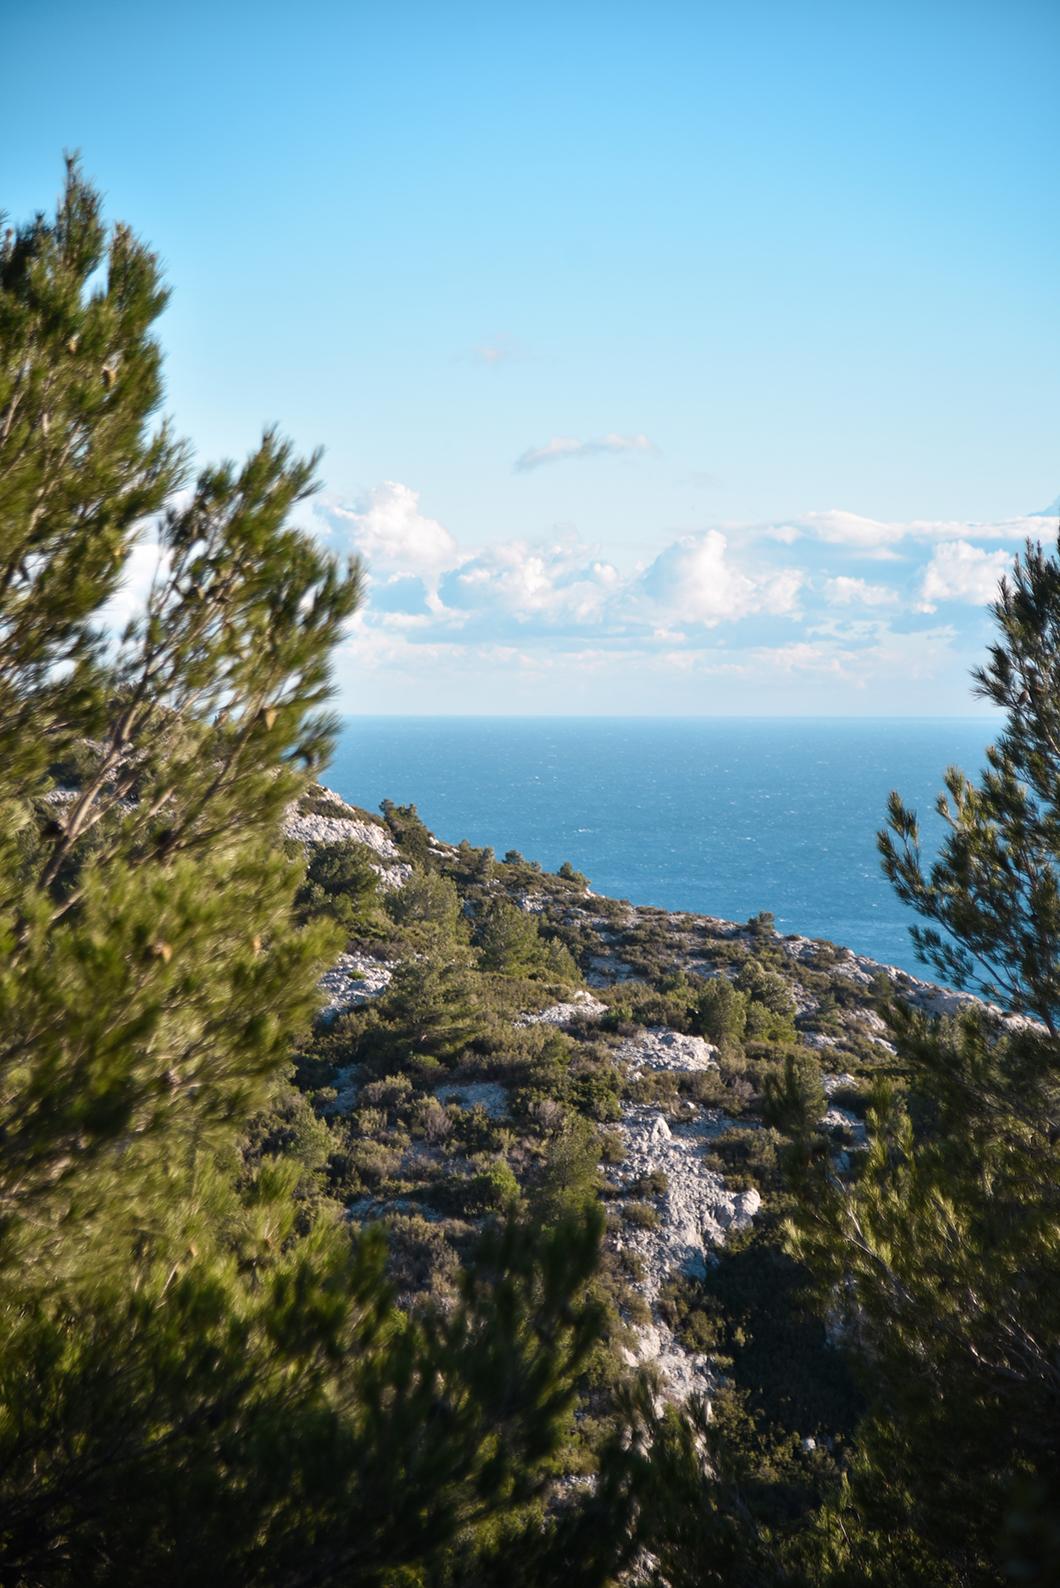 Visiter le Parc National des Calanques, incontournable à Marseille